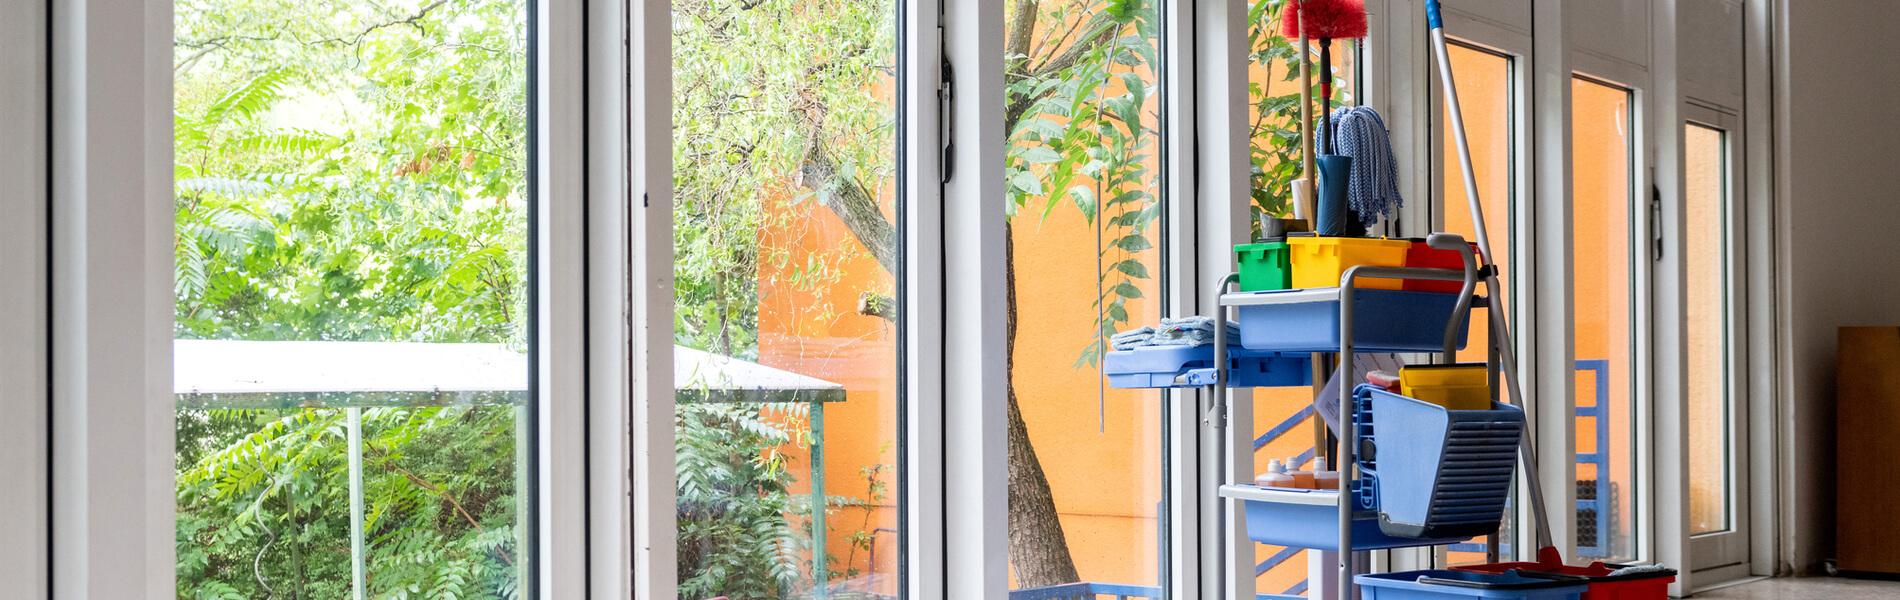 Sonderreinigung für Unternehmen in Berlin-Spandau, Sonderreinigung